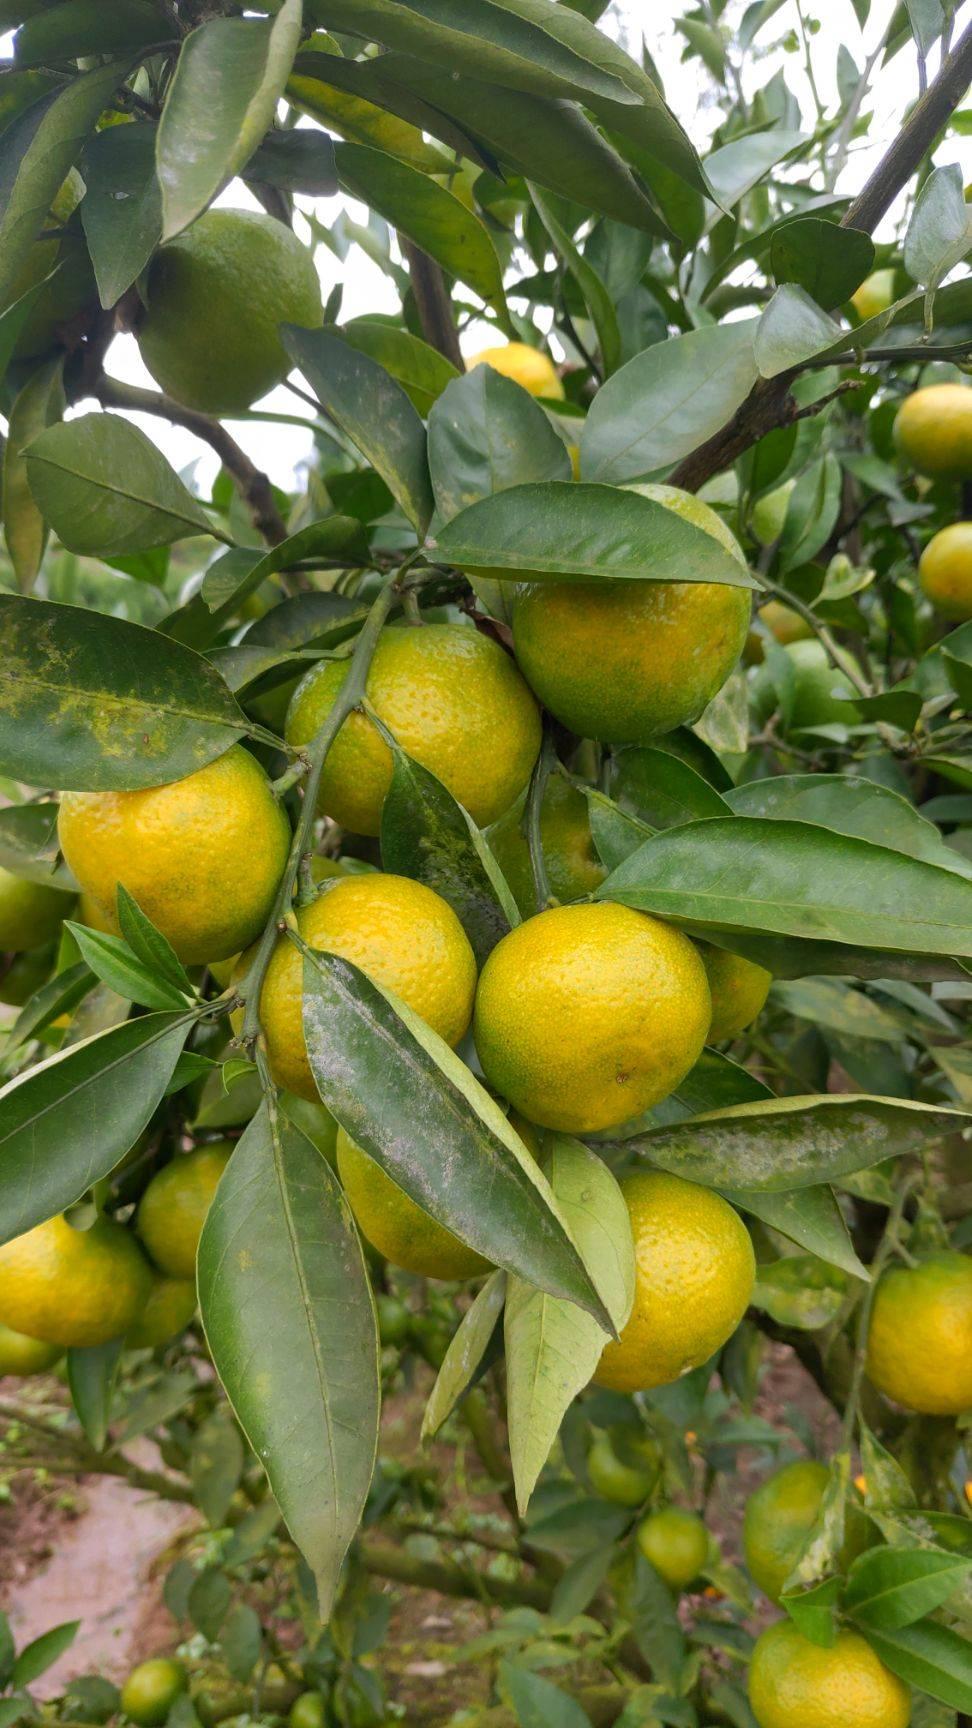 青皮蜜桔 现货 四川青皮蜜橘新鲜橘子水果酸甜桔子一件代发包邮